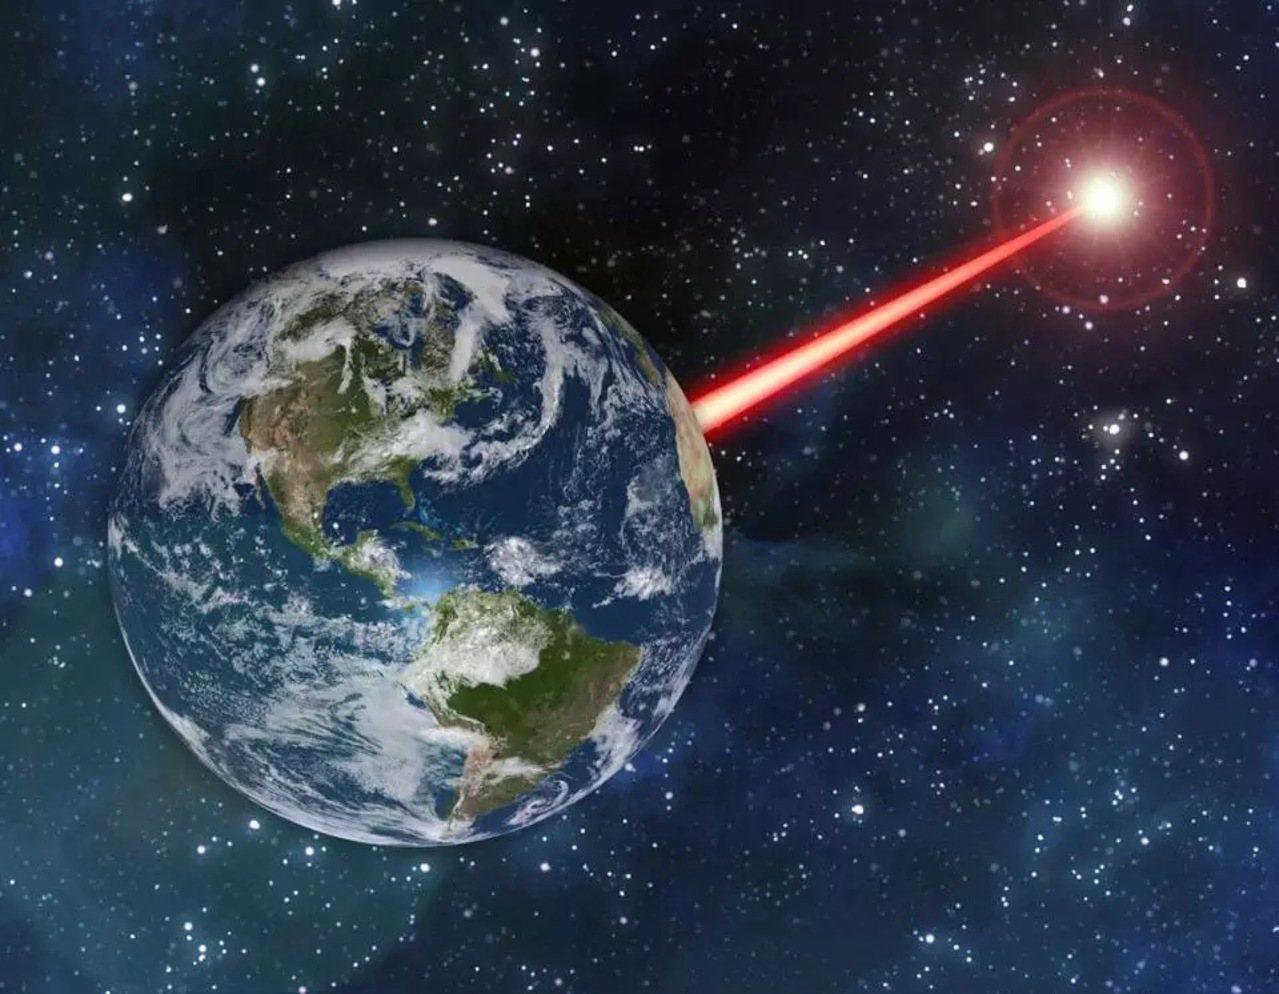 美國MIT研究,地球射放大激光可吸引外星人注意。聯合報系資料照